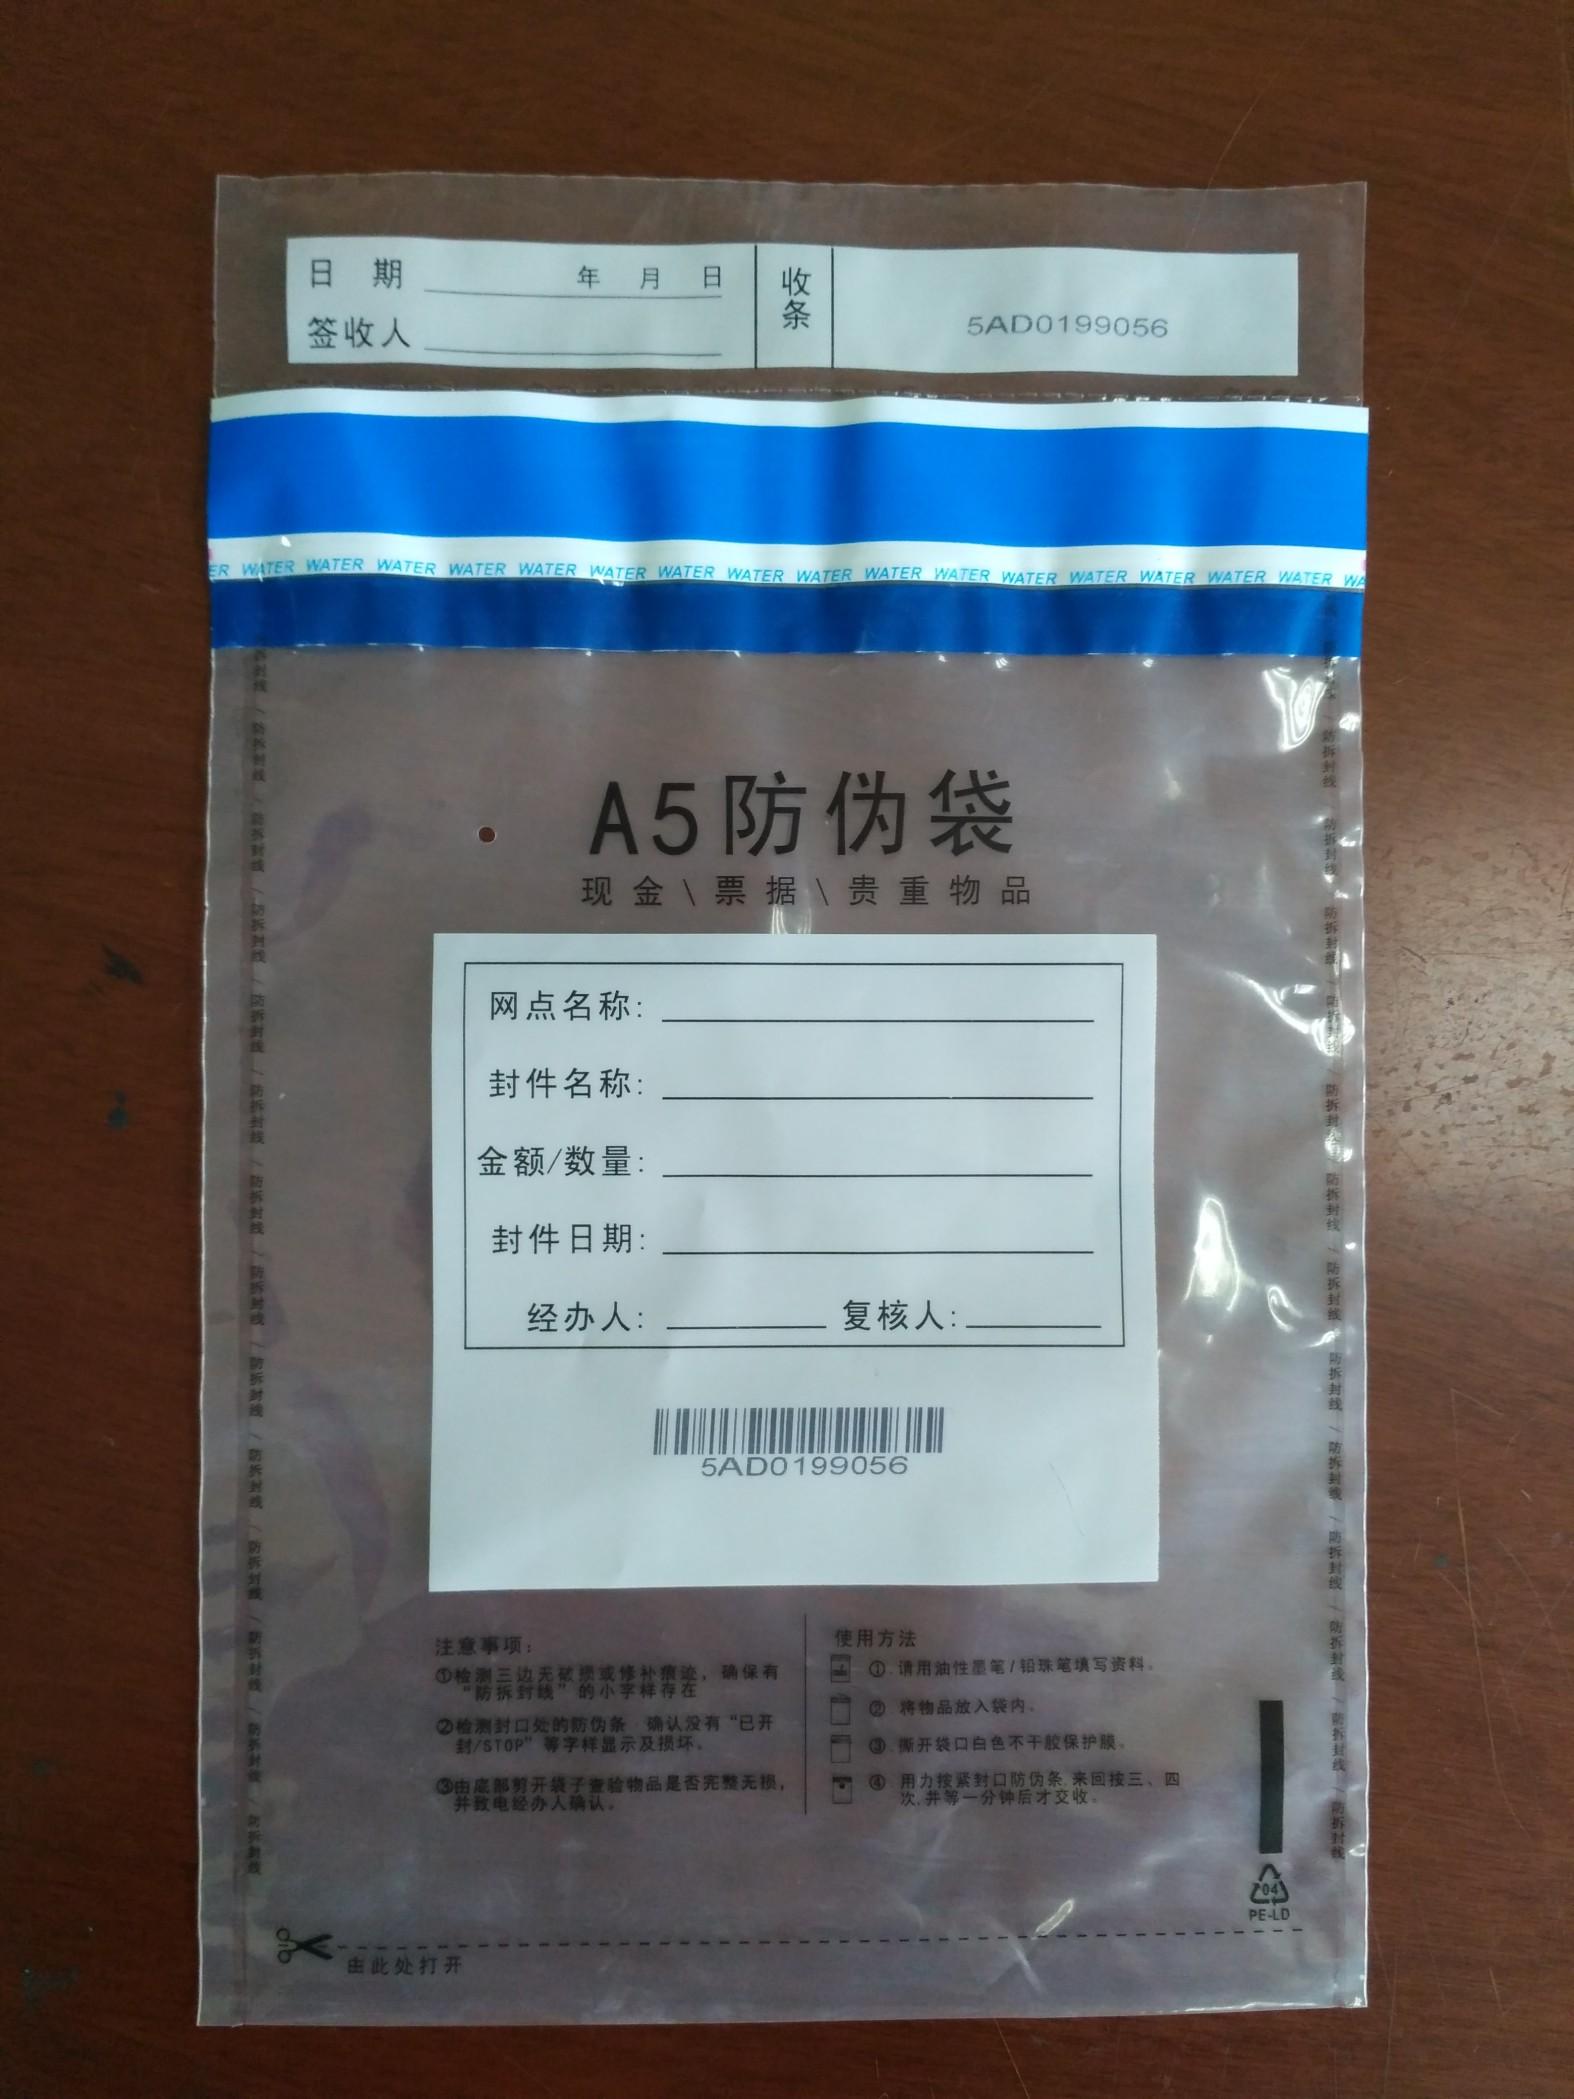 A5防伪袋 银行票据塑料袋